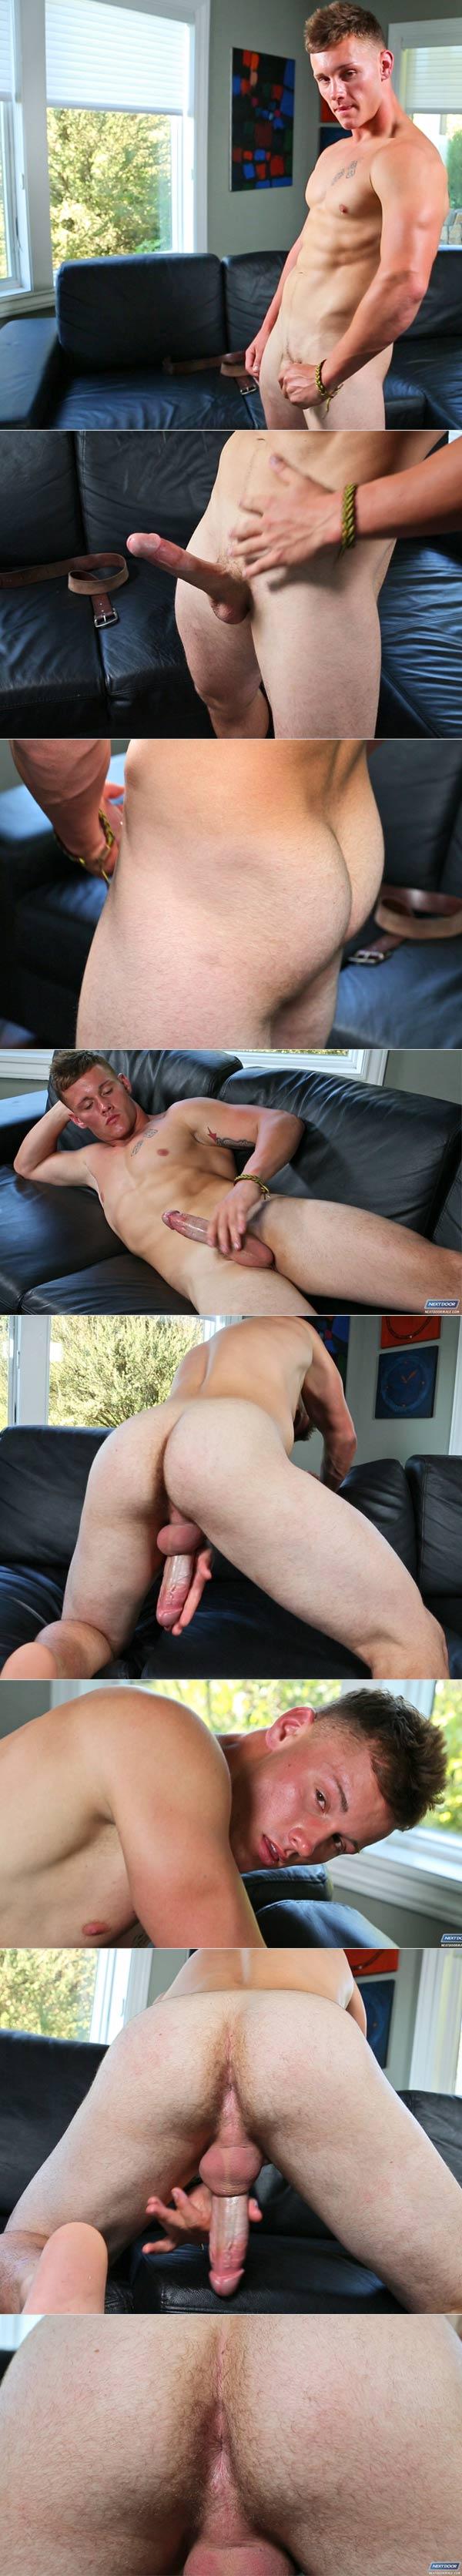 Damien West at Next Door Male